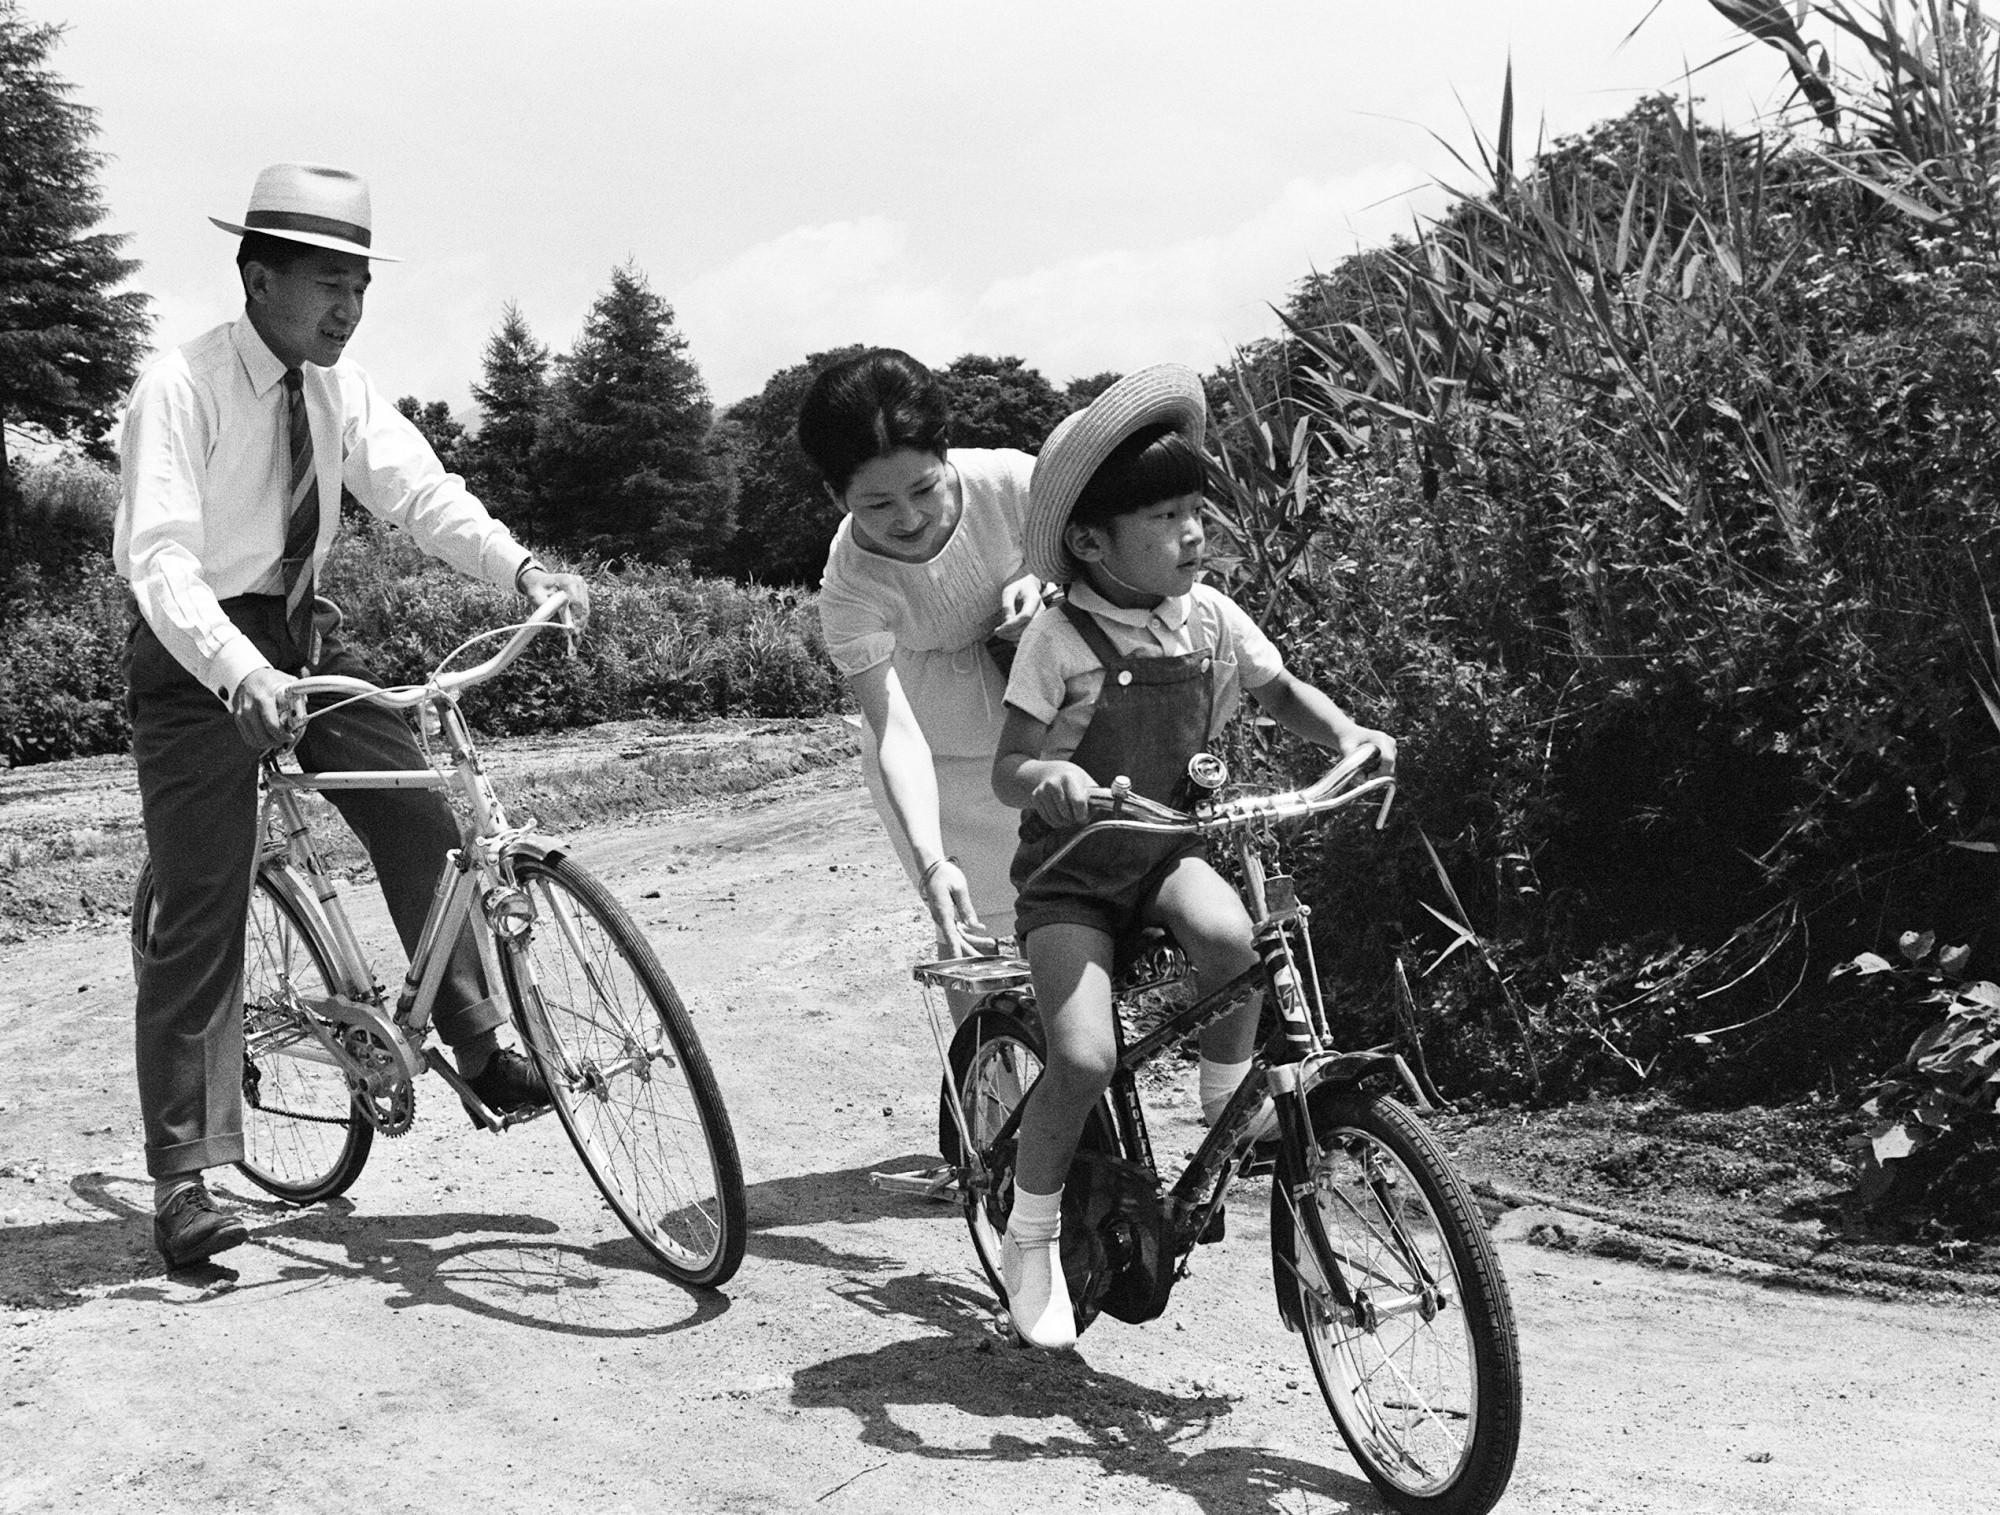 Nhật Hoàng Akihito: Vị hoàng đế của nhiều lần đầu tiên - Ảnh 6.